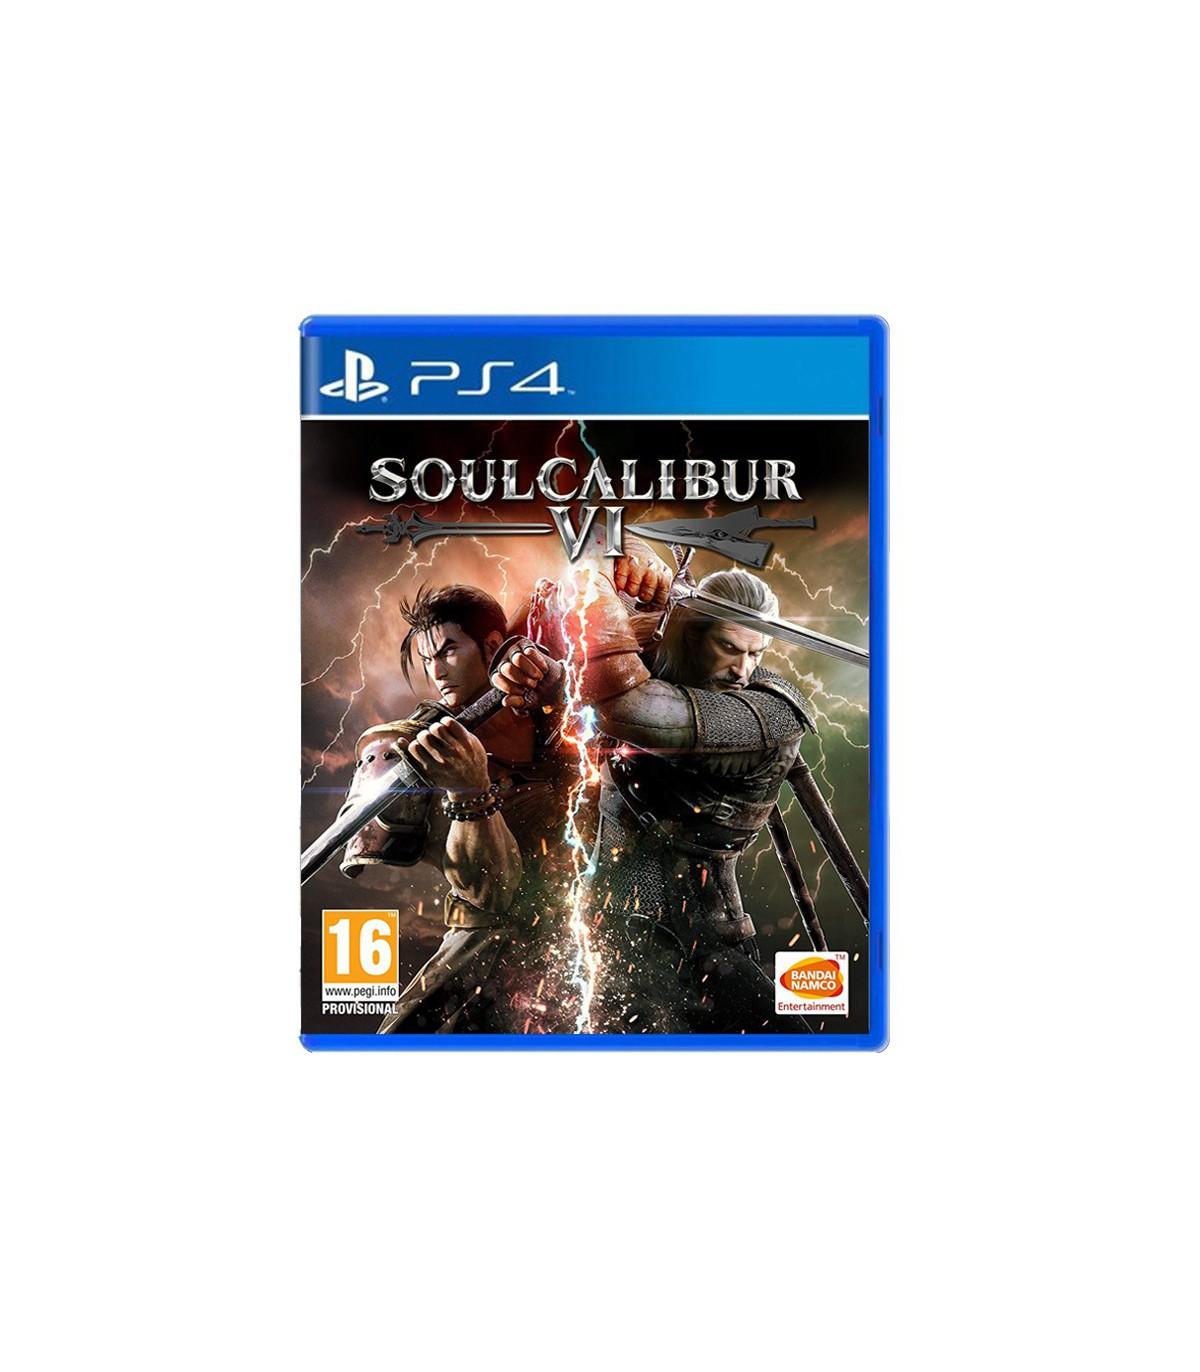 بازی SOULCALIBUR VI - پلی استیشن 4